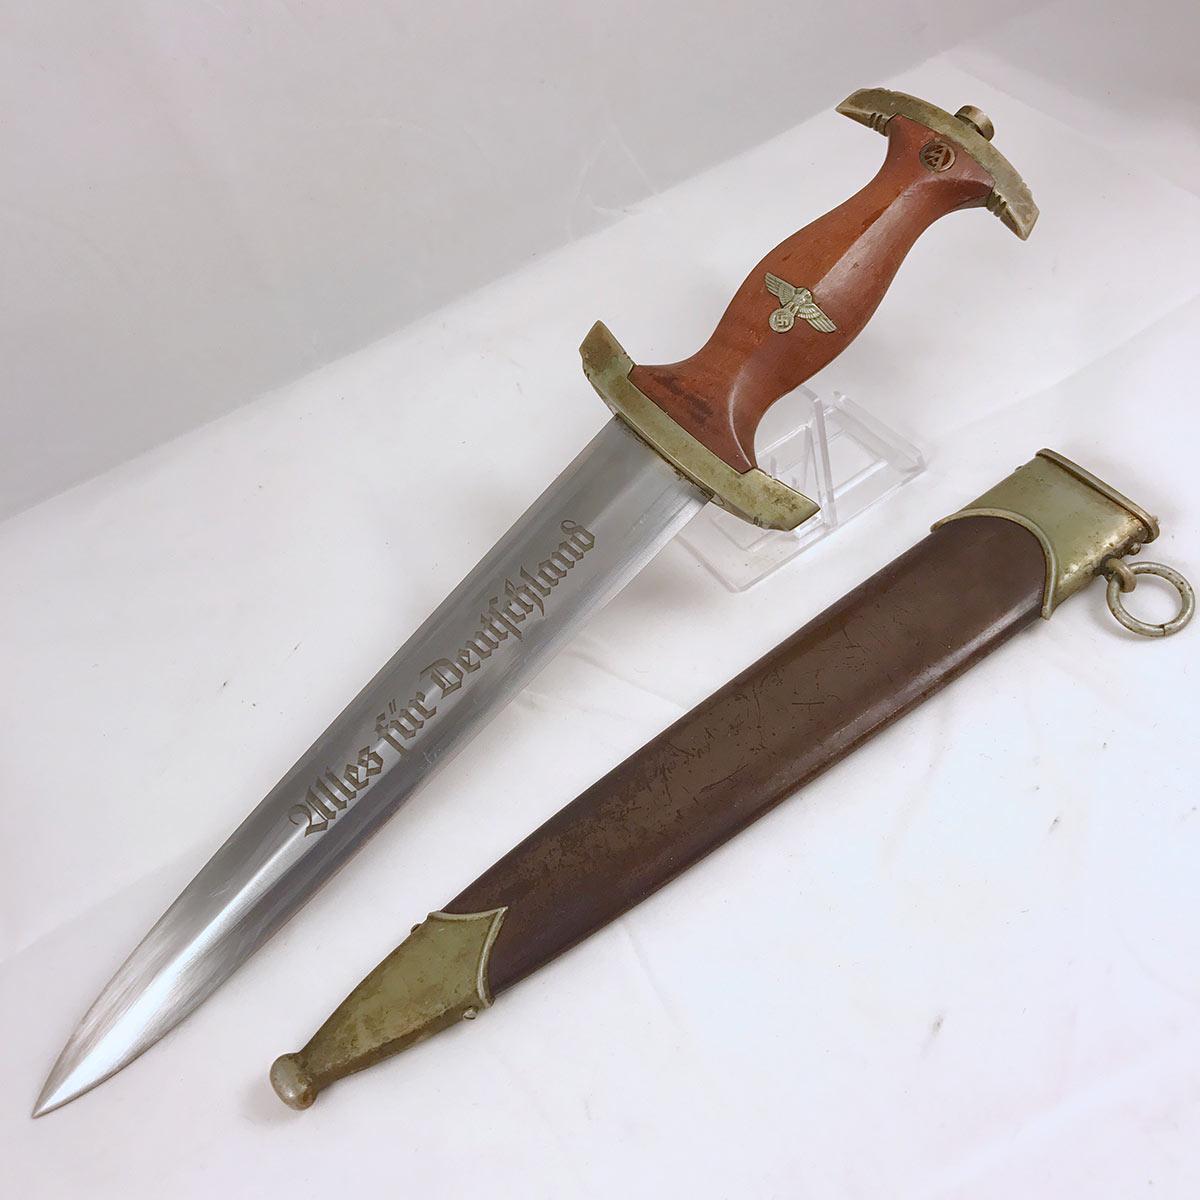 SA Dagger by E.P.&S. (Ernst Pack & Sohne)